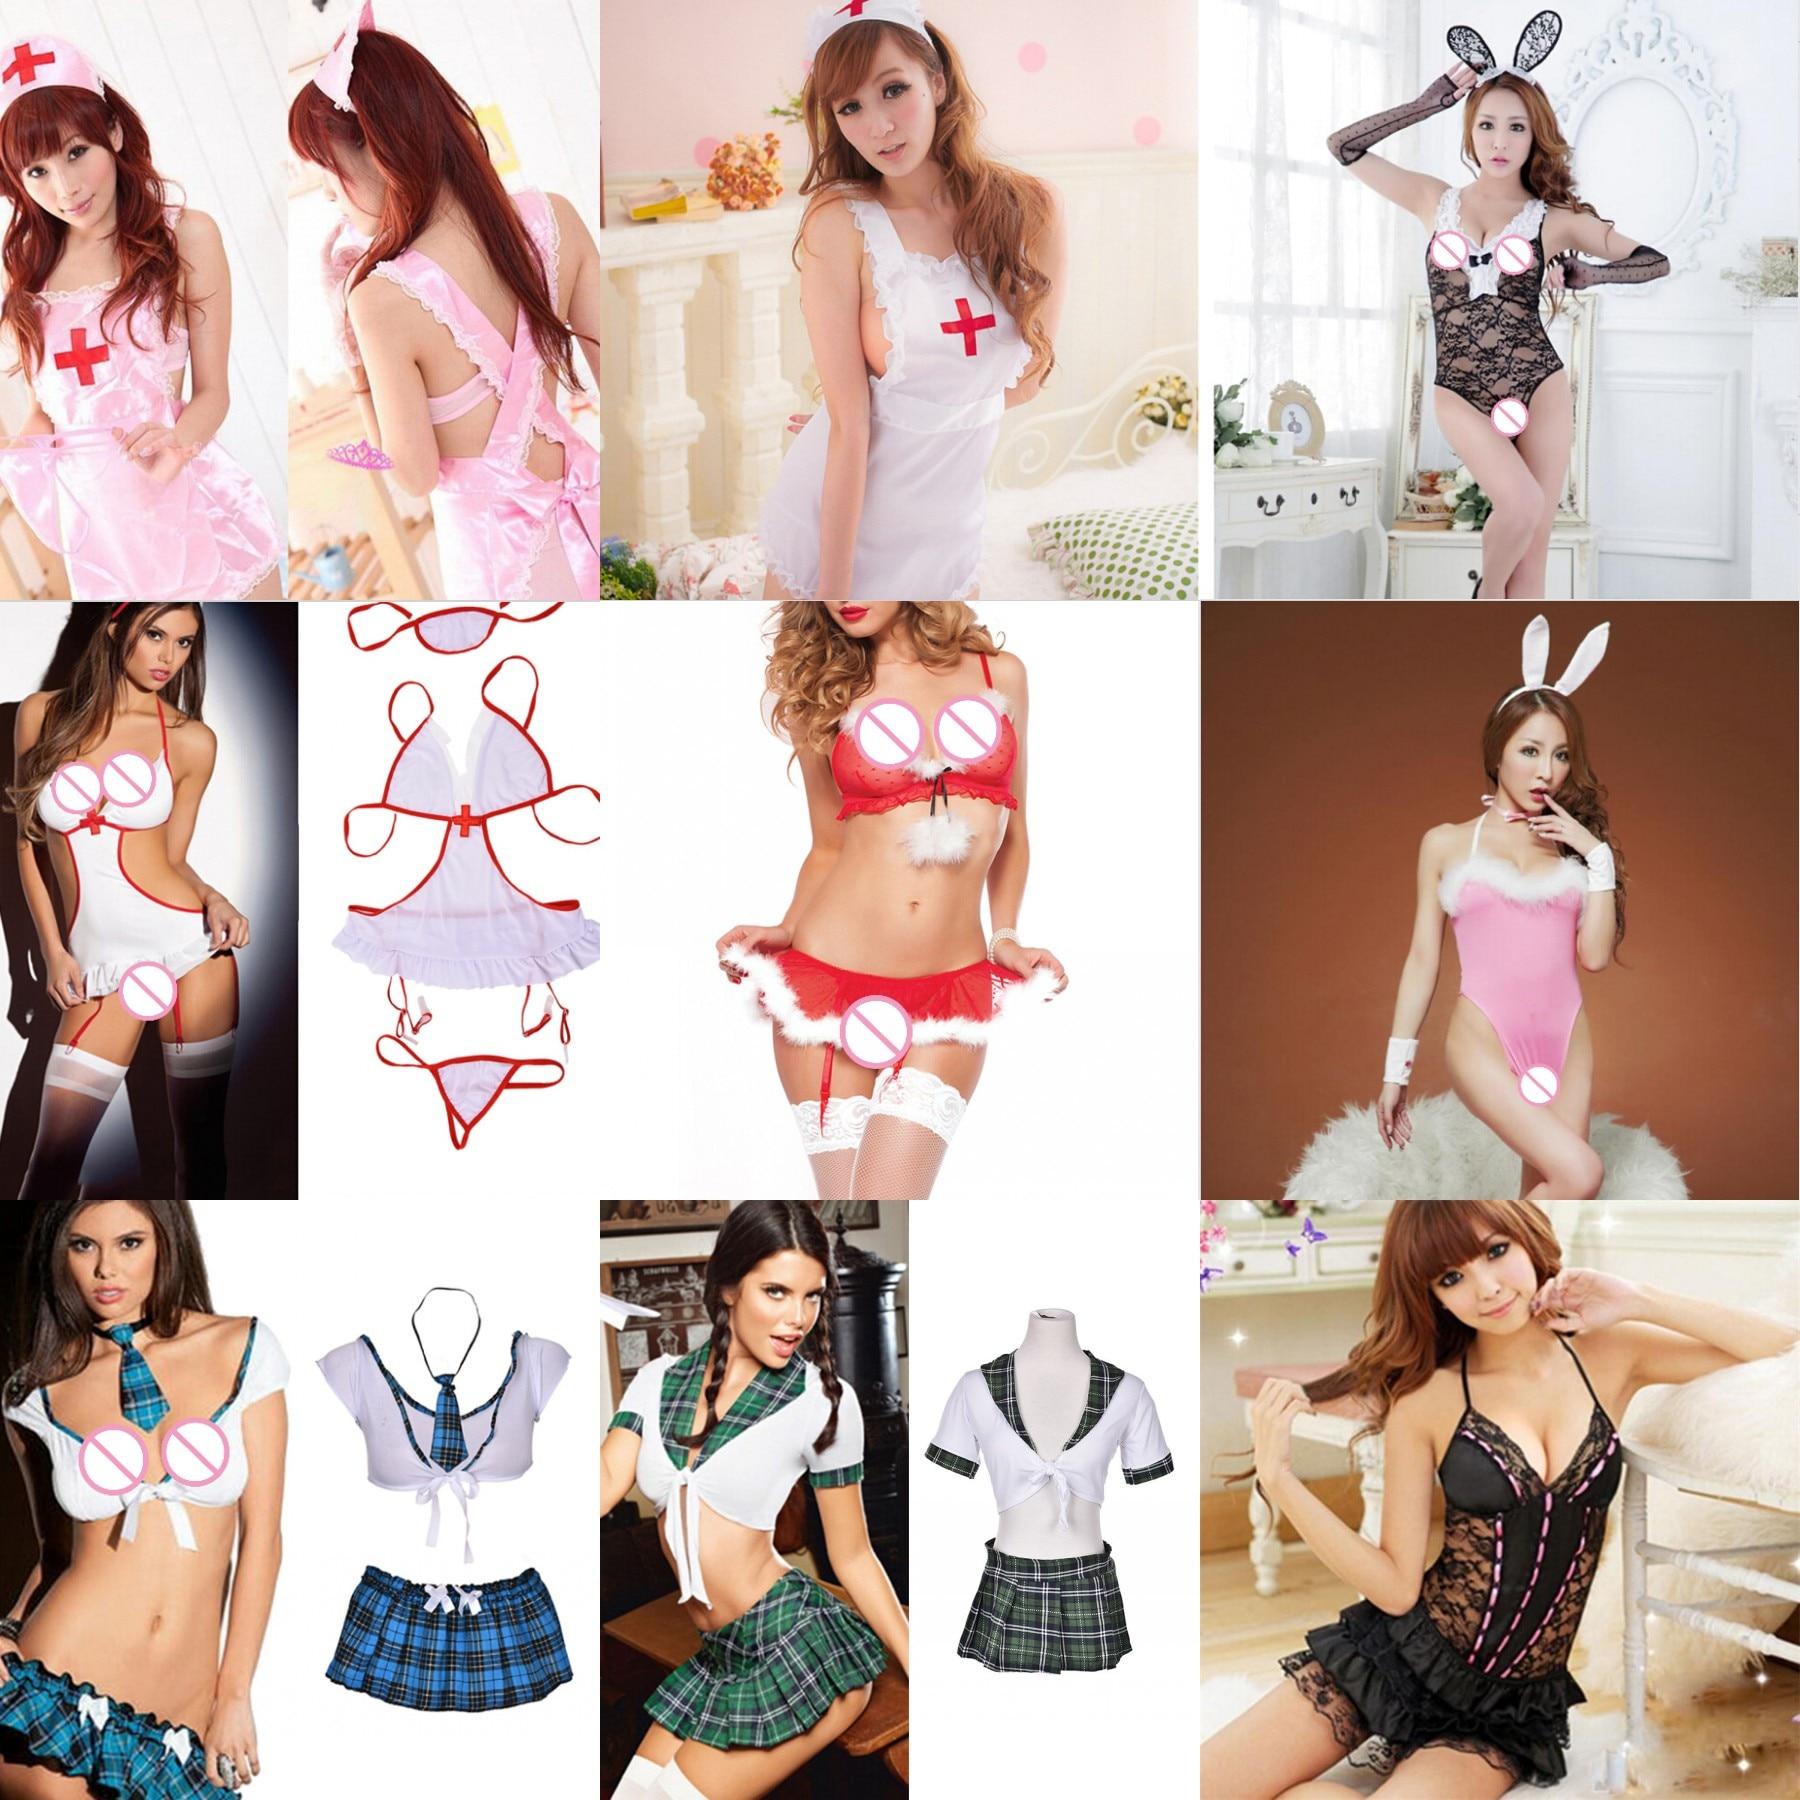 Las mujeres Lencería de enfermera Sexy dama estudiante Cosplay disfraces picardías de encaje erótico Sexy ropa interior Babydoll ropa de dormir